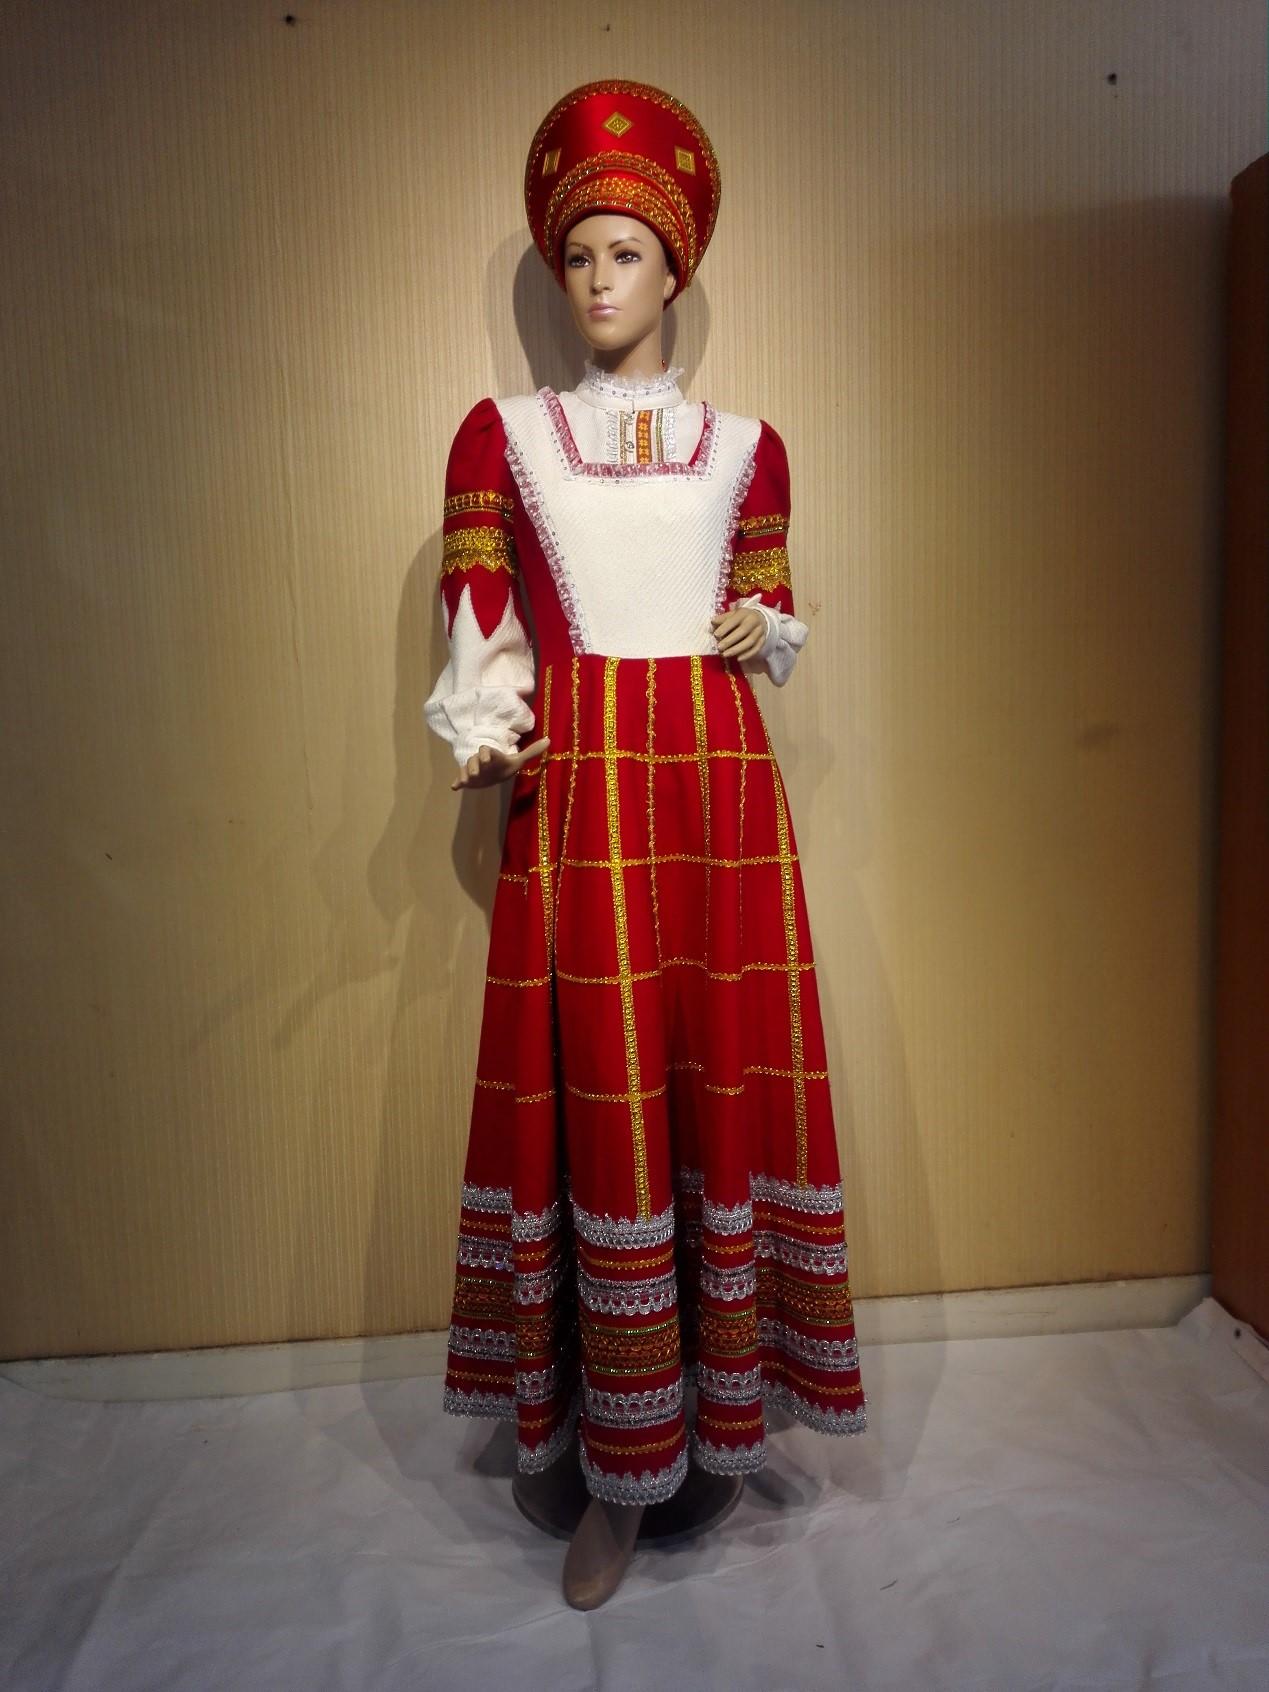 外出旅游服装图片_俄罗斯服装前四大品牌真的好吗价格